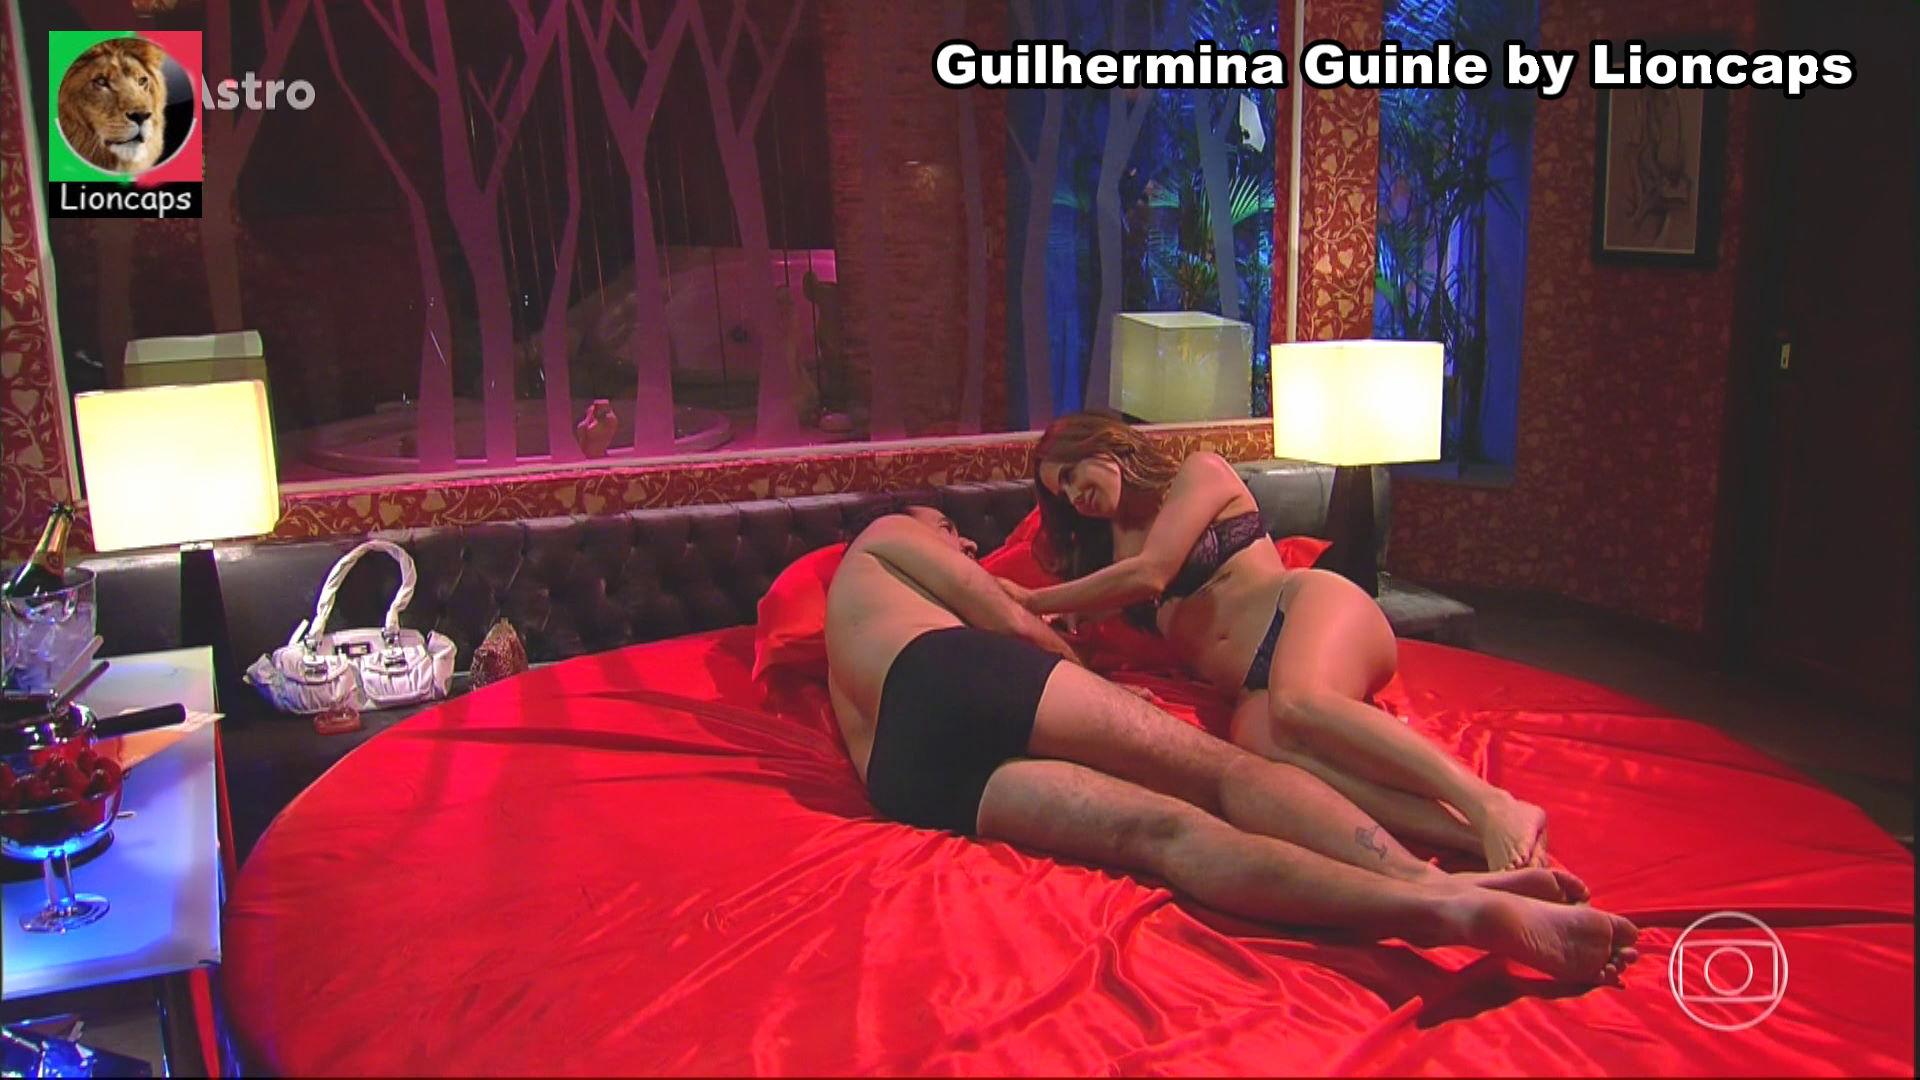 129510526_guilhermina_guinle_vs190623_1313_122_191lo.JPG